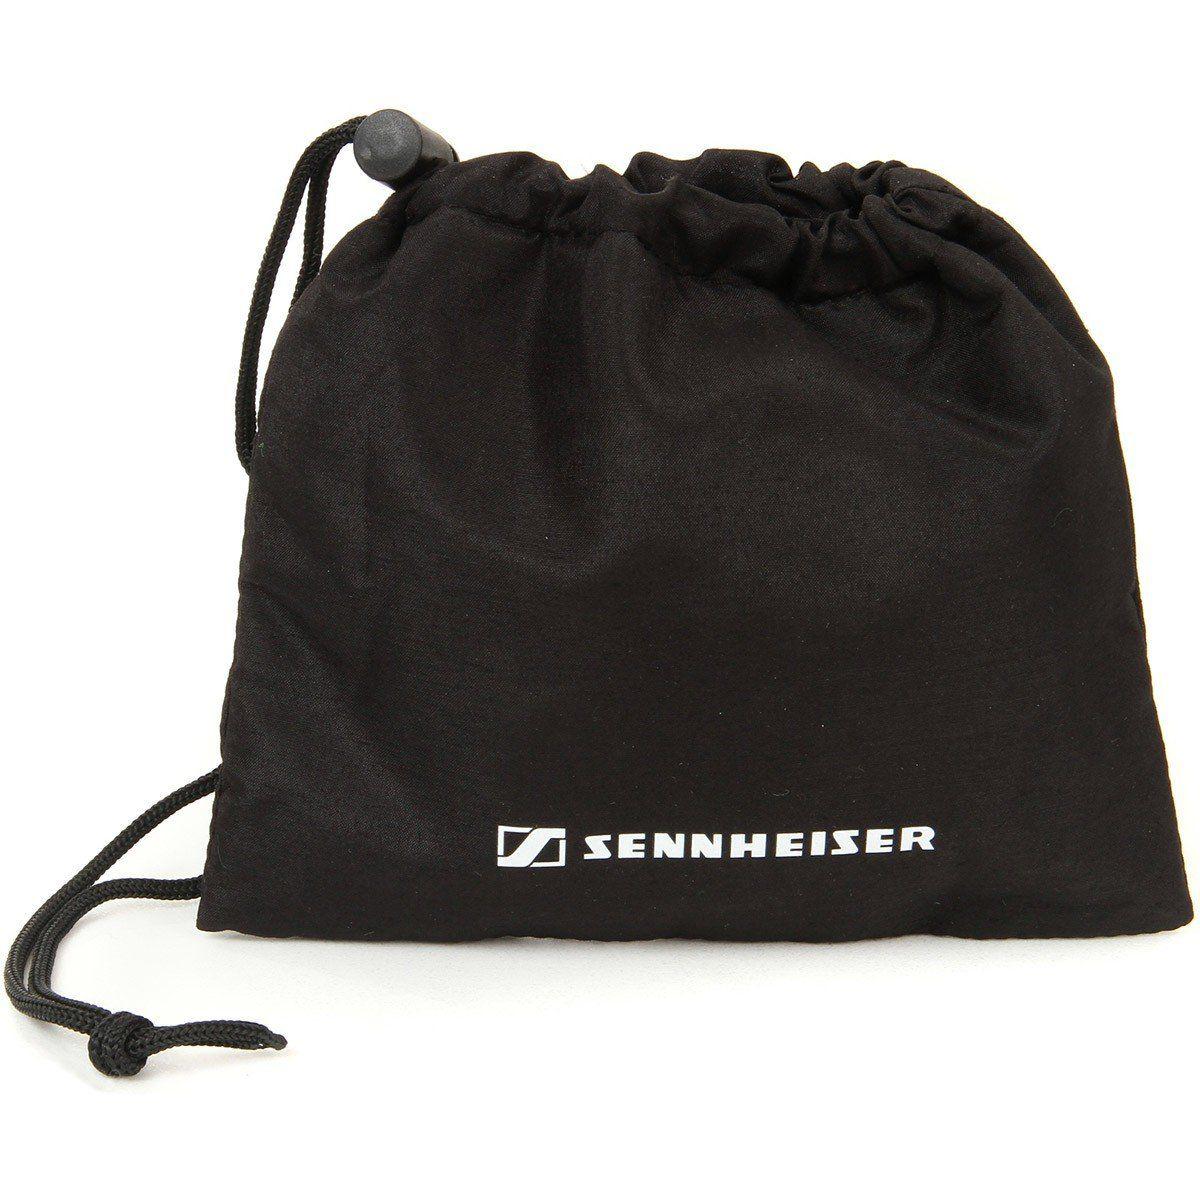 Sennheiser MK4 Microfone Condensador Cardioide Sennheiser-MK4 para Estúdio